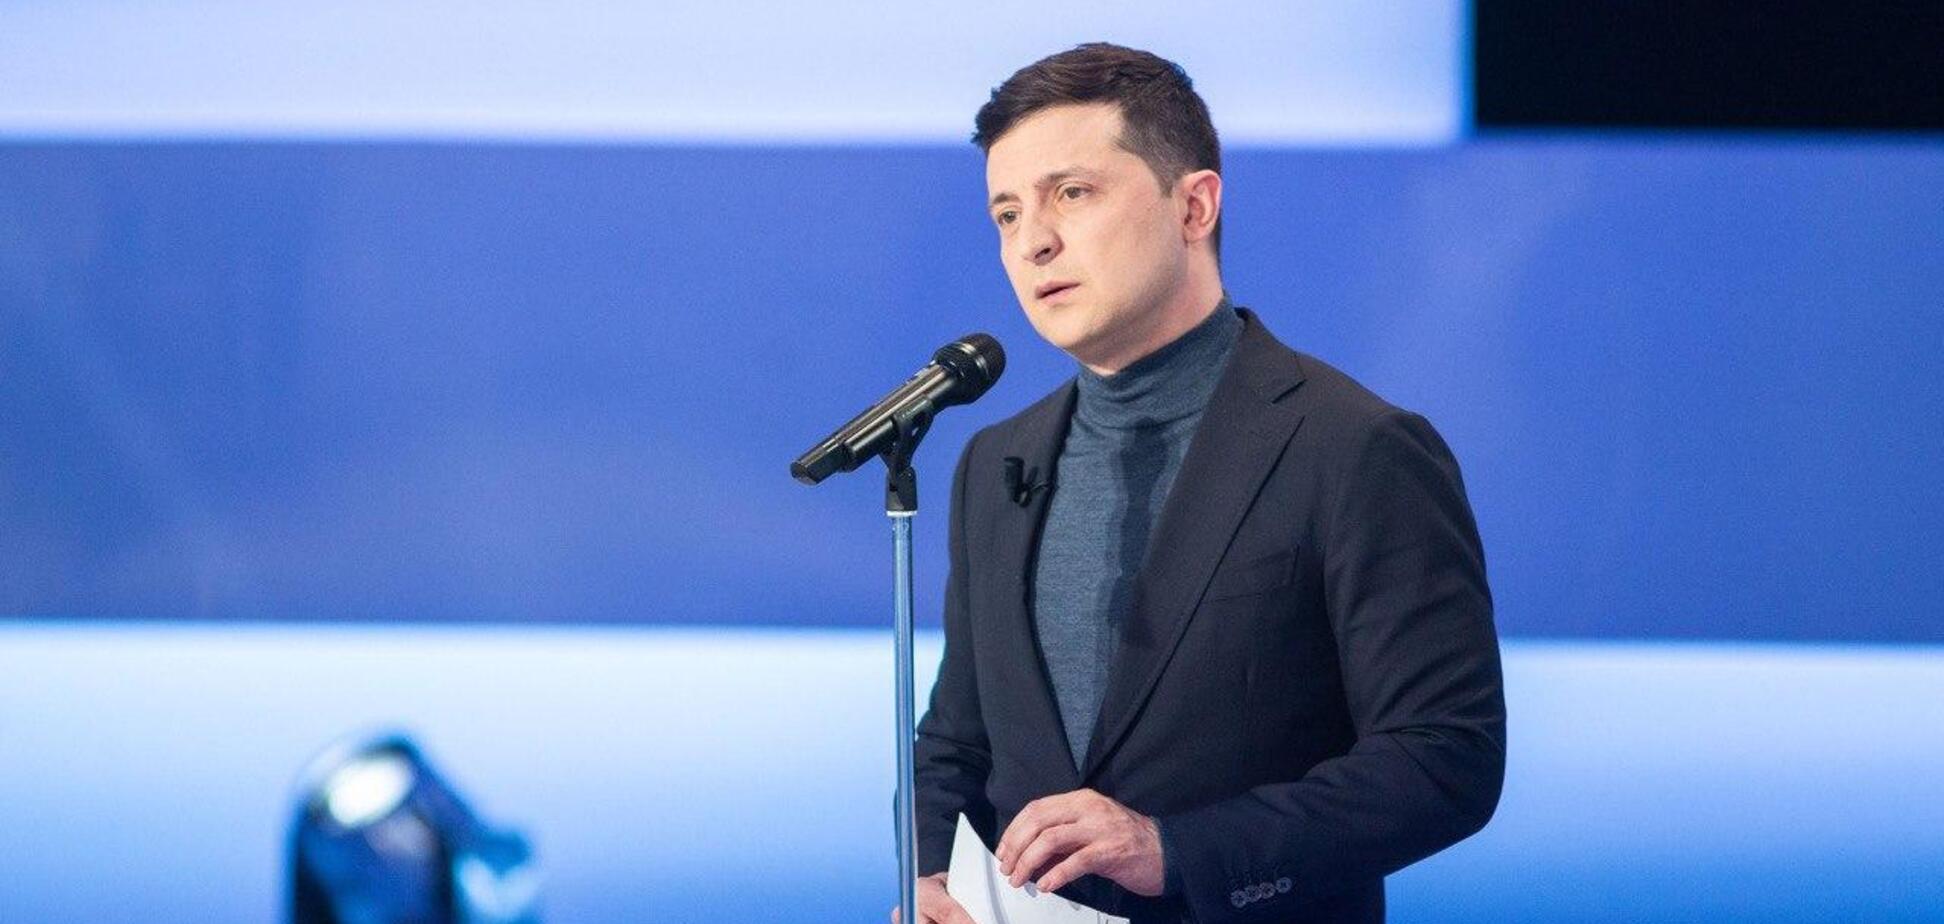 Зеленский сказал, какой видит победу на Донбассе